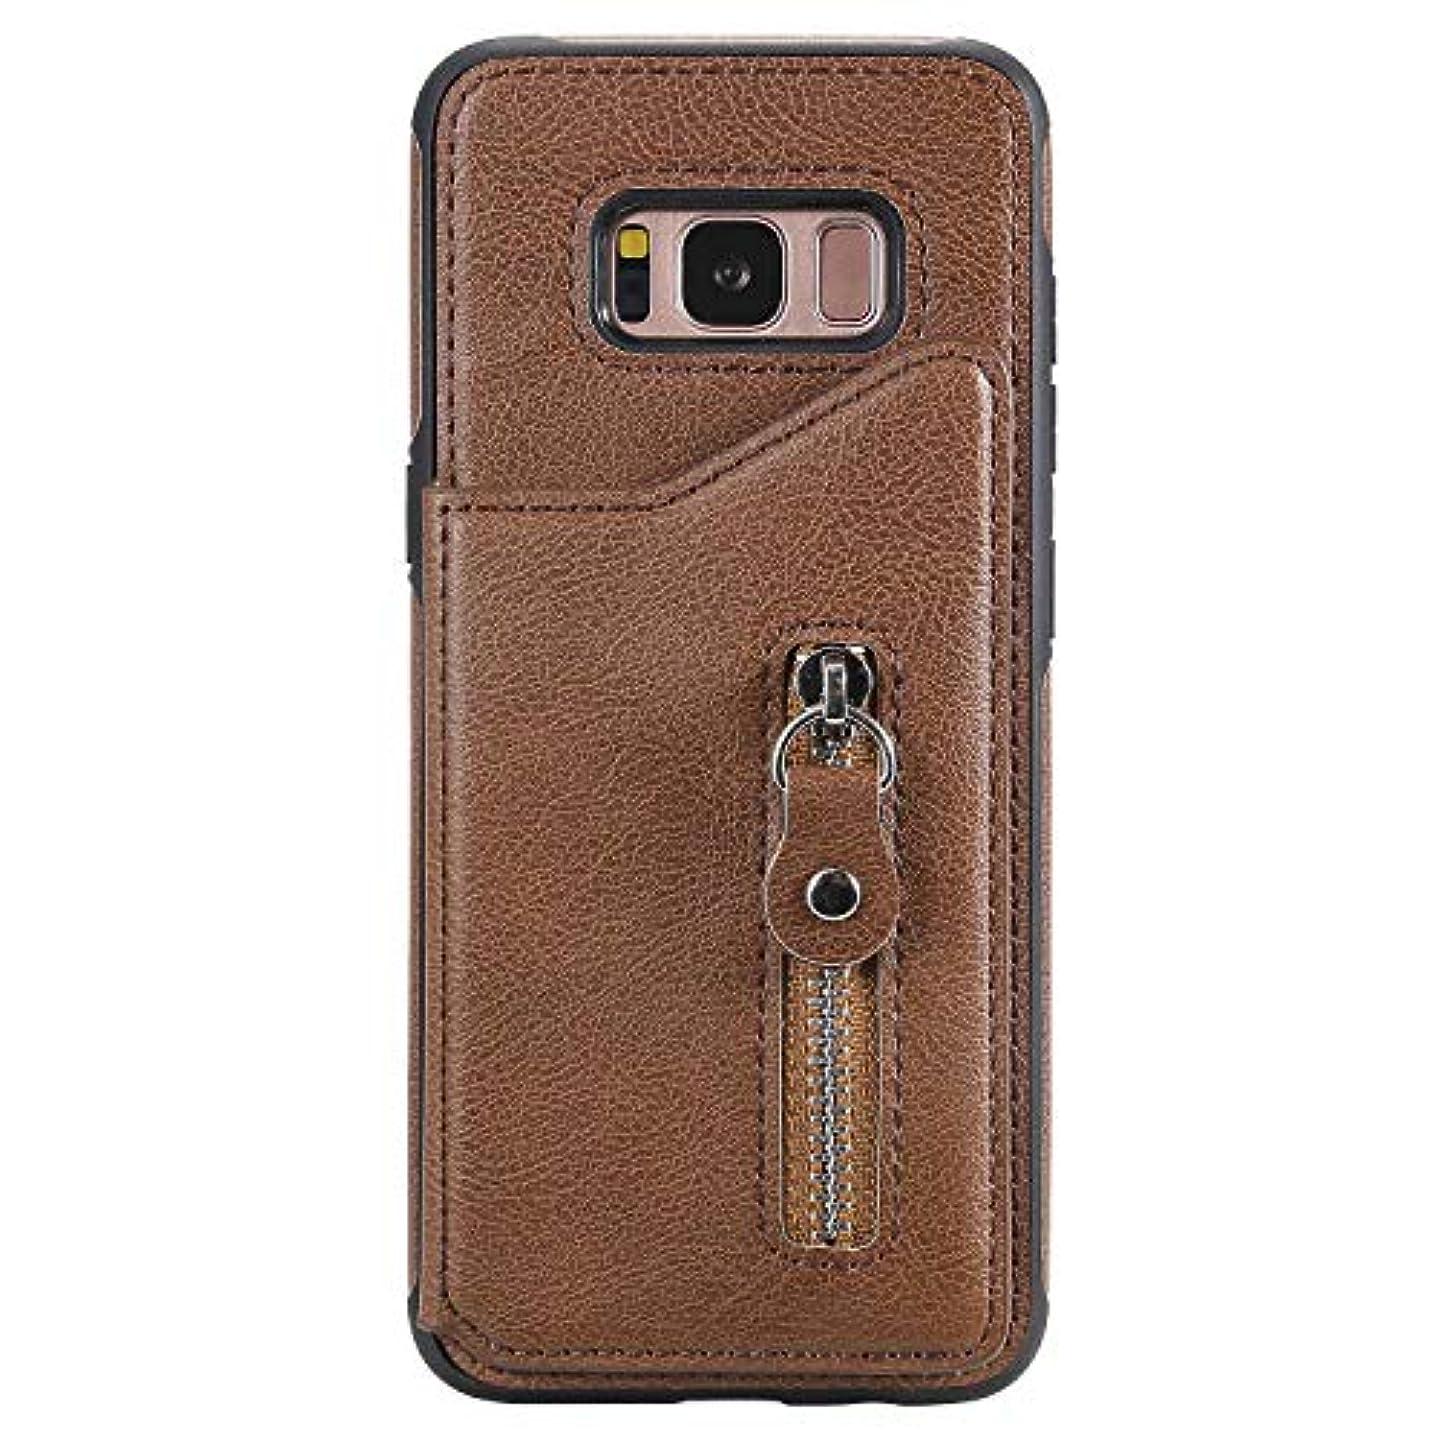 スクワイア勝者怠なOMATENTI Galaxy S8 ケース, PUレザー 薄型 簡約風 人気 新品 バックケース Galaxy S8 用 Case Cover, 財布とコインポケット付き, 液晶保護 カード収納, 褐色